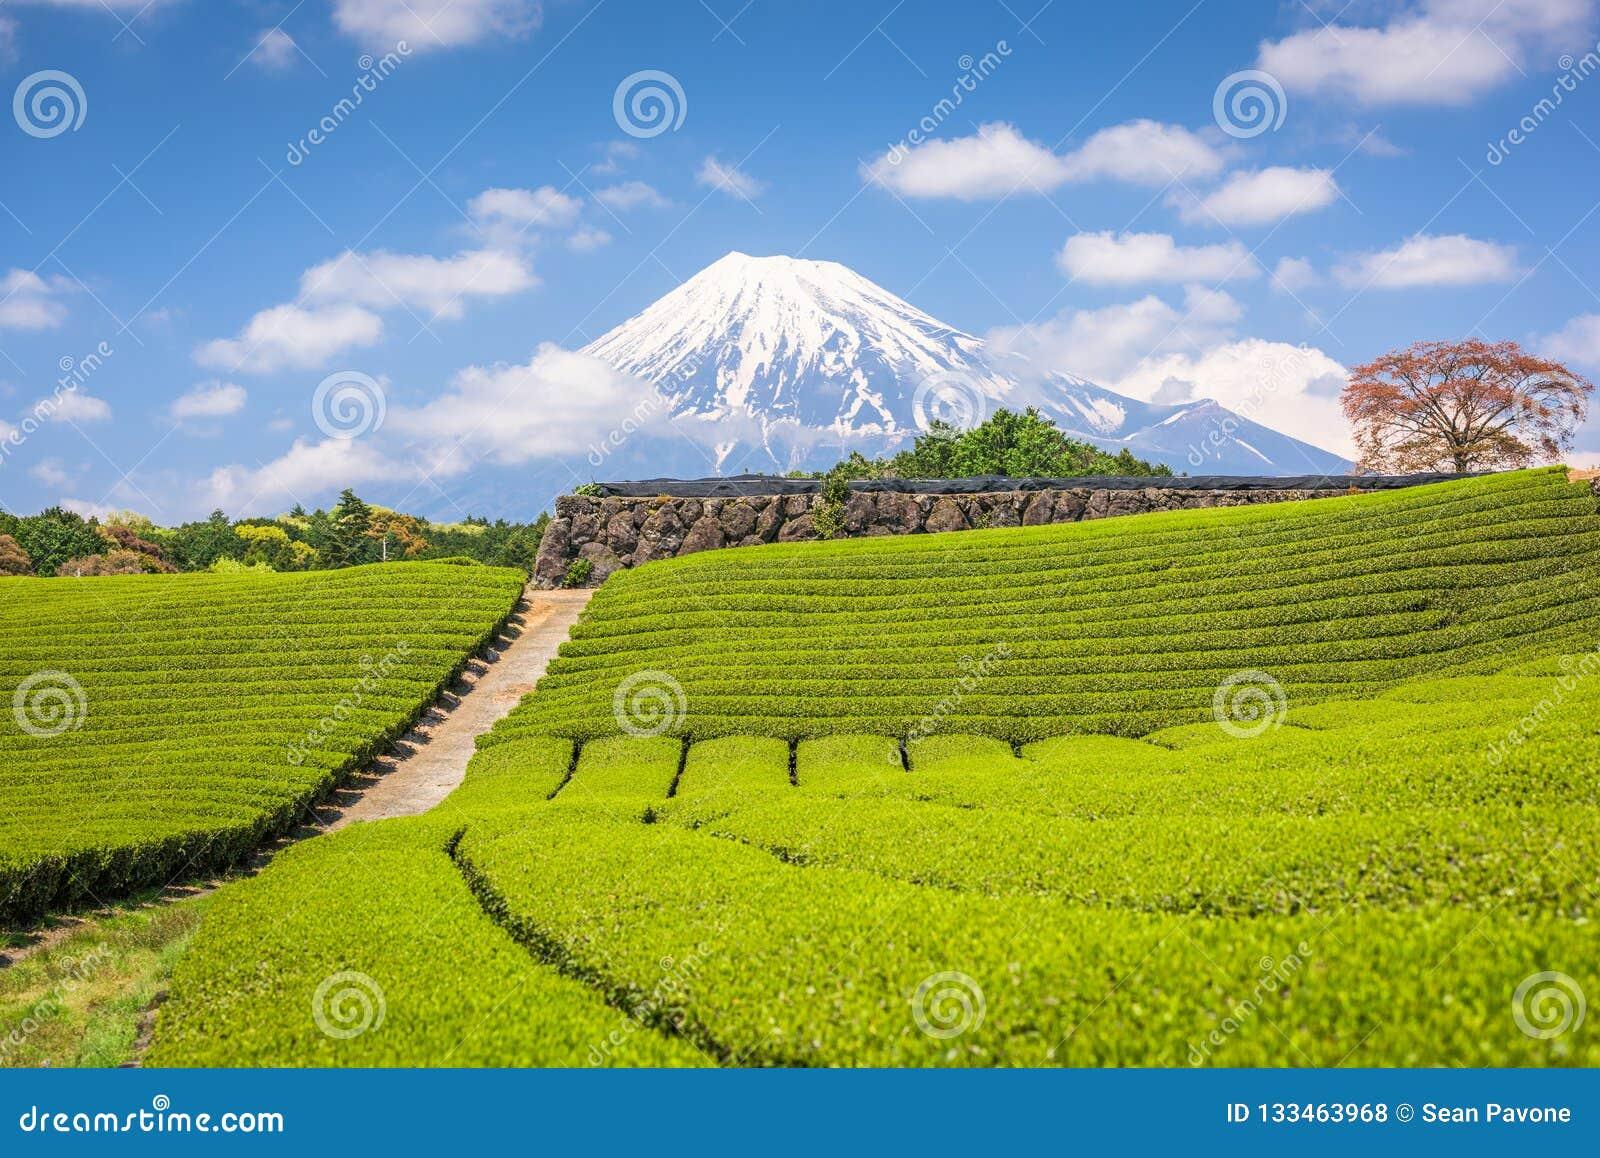 Φούτζι, Ιαπωνία στην ΑΜ Φούτζι και τομείς τσαγιού